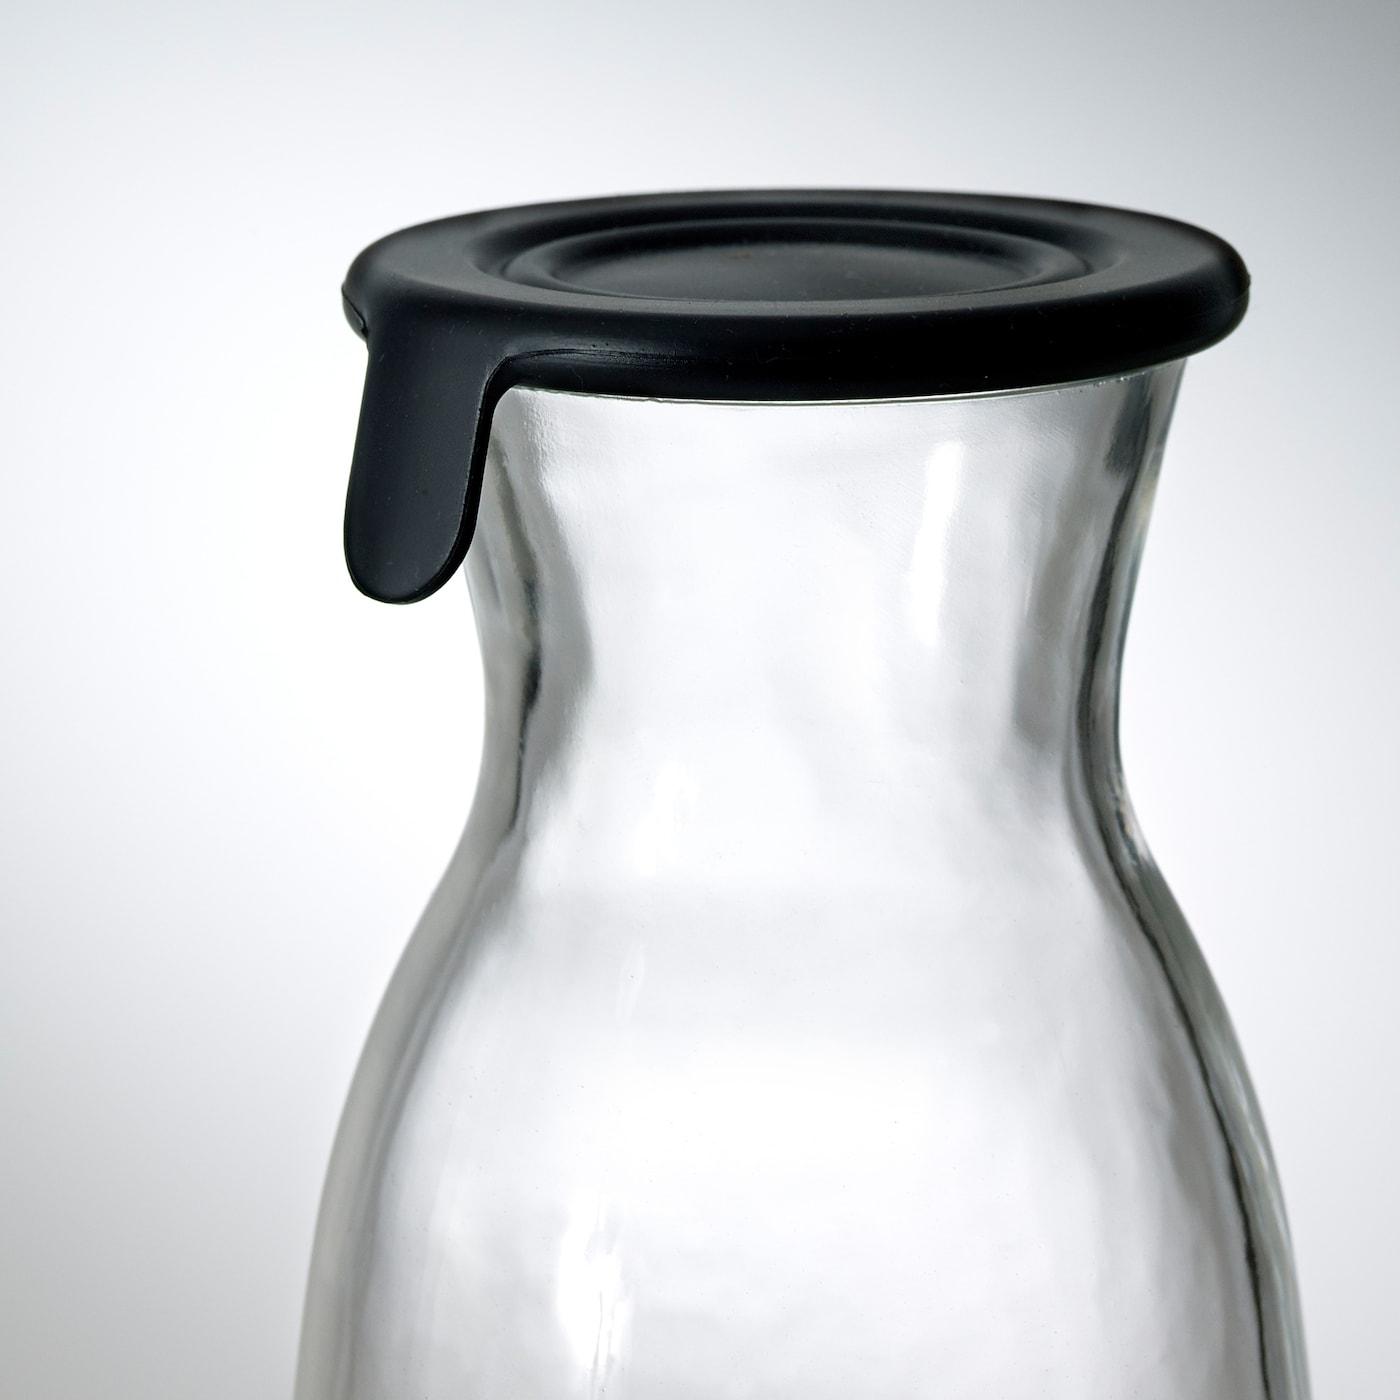 VARDAGEN kancsó fedővel átlátszó üveg 24.5 cm 9 cm 1.0 l